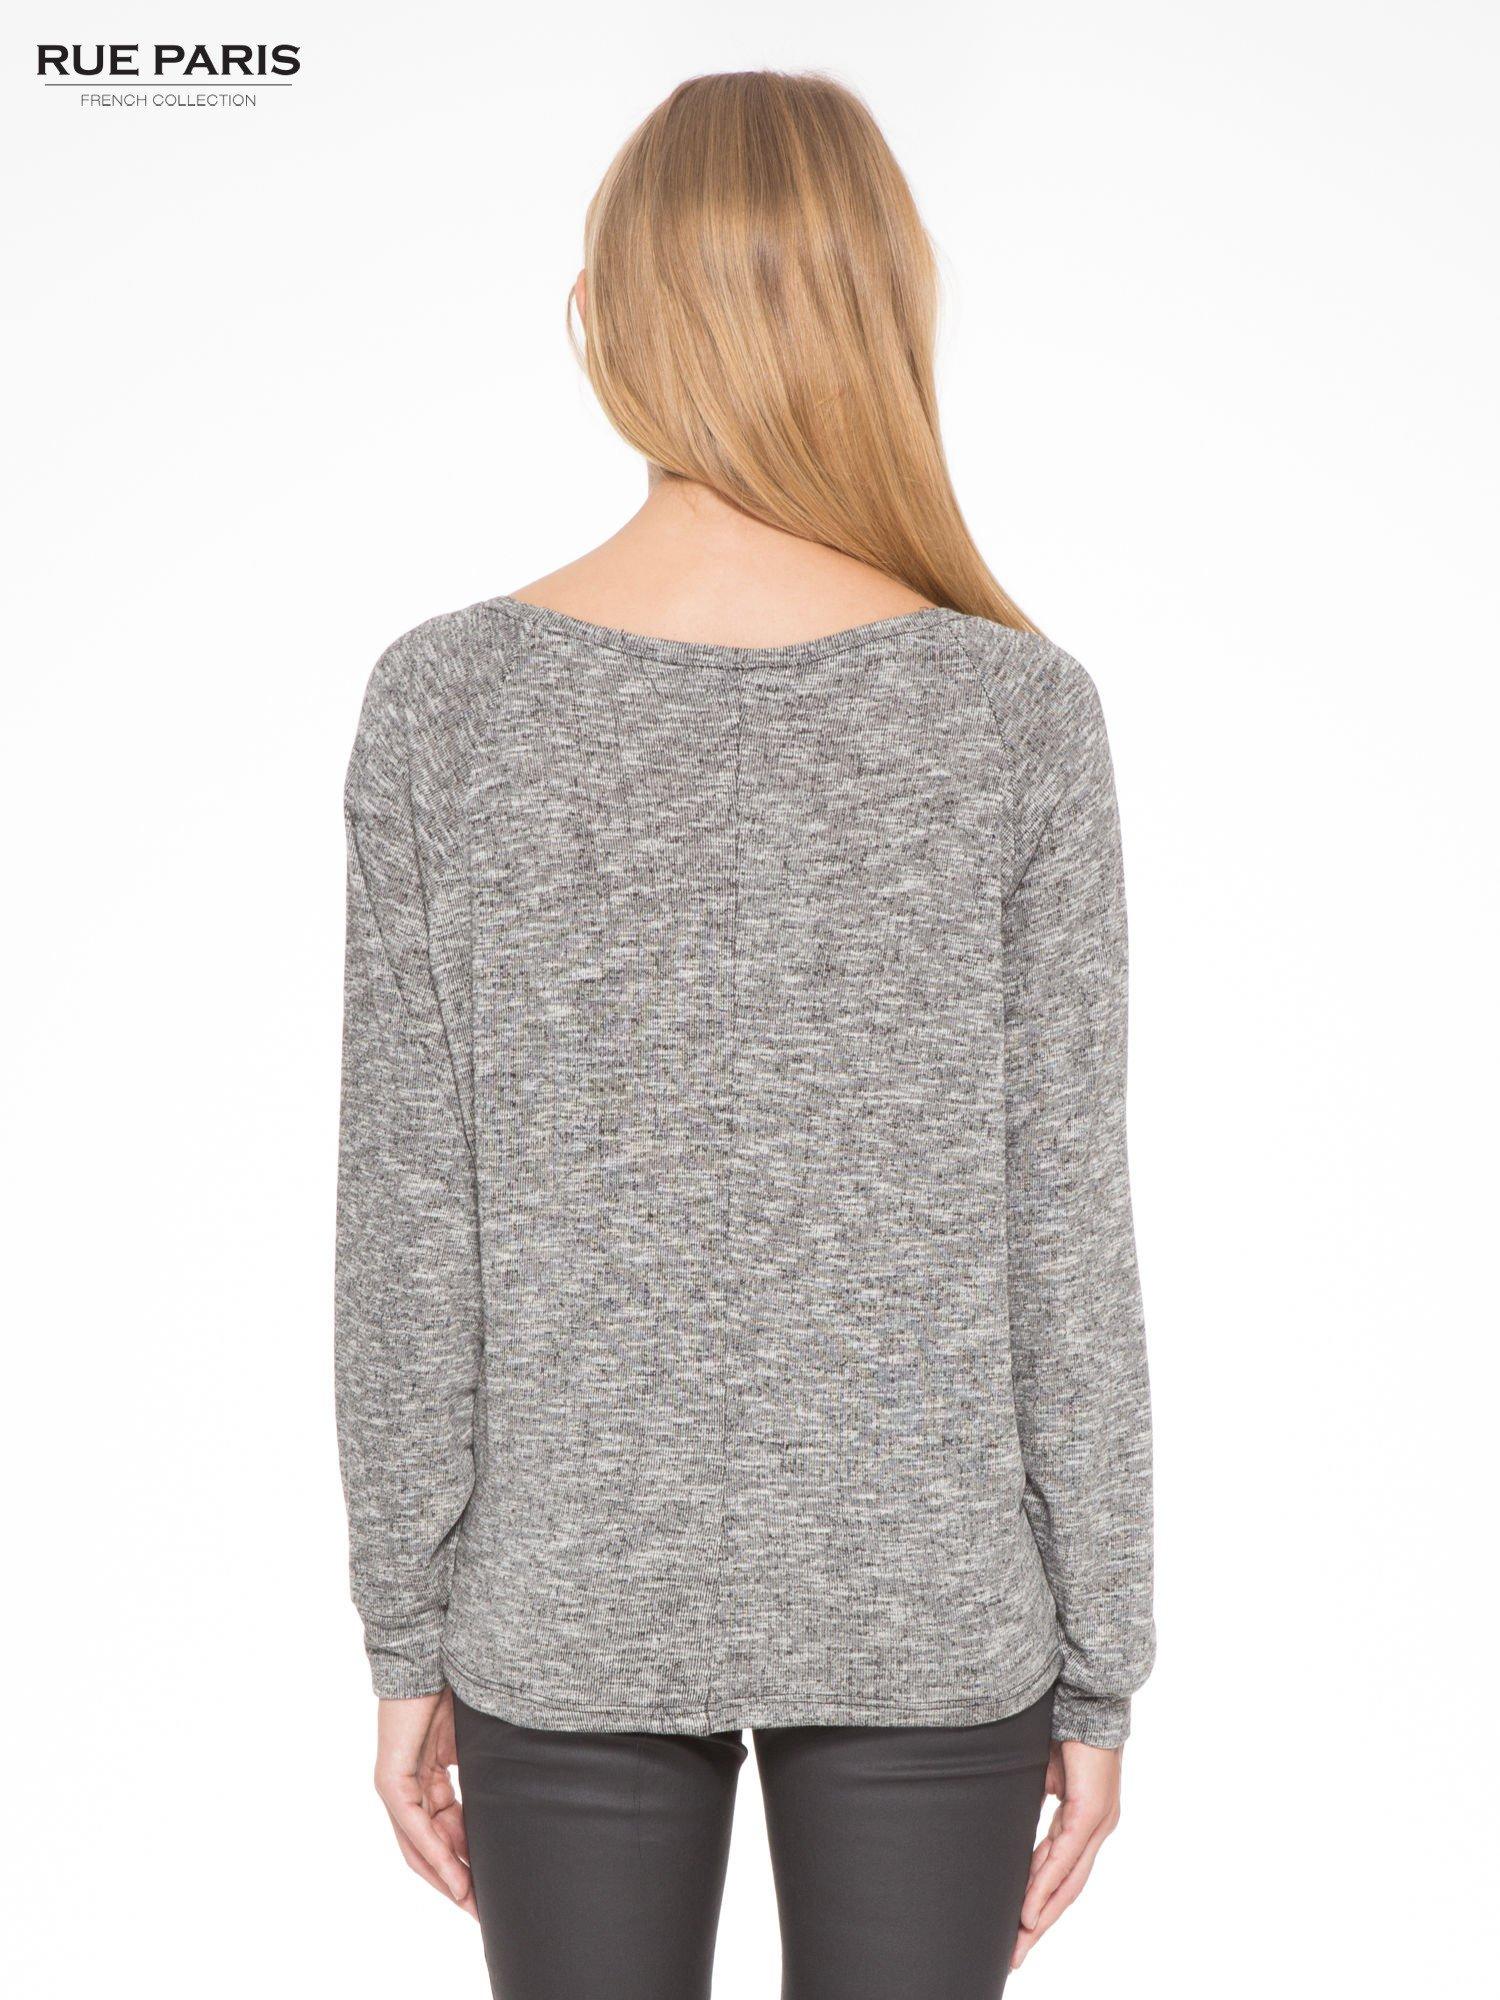 Szary melanżowy sweter z nietoperzowymi rękawami                                  zdj.                                  4